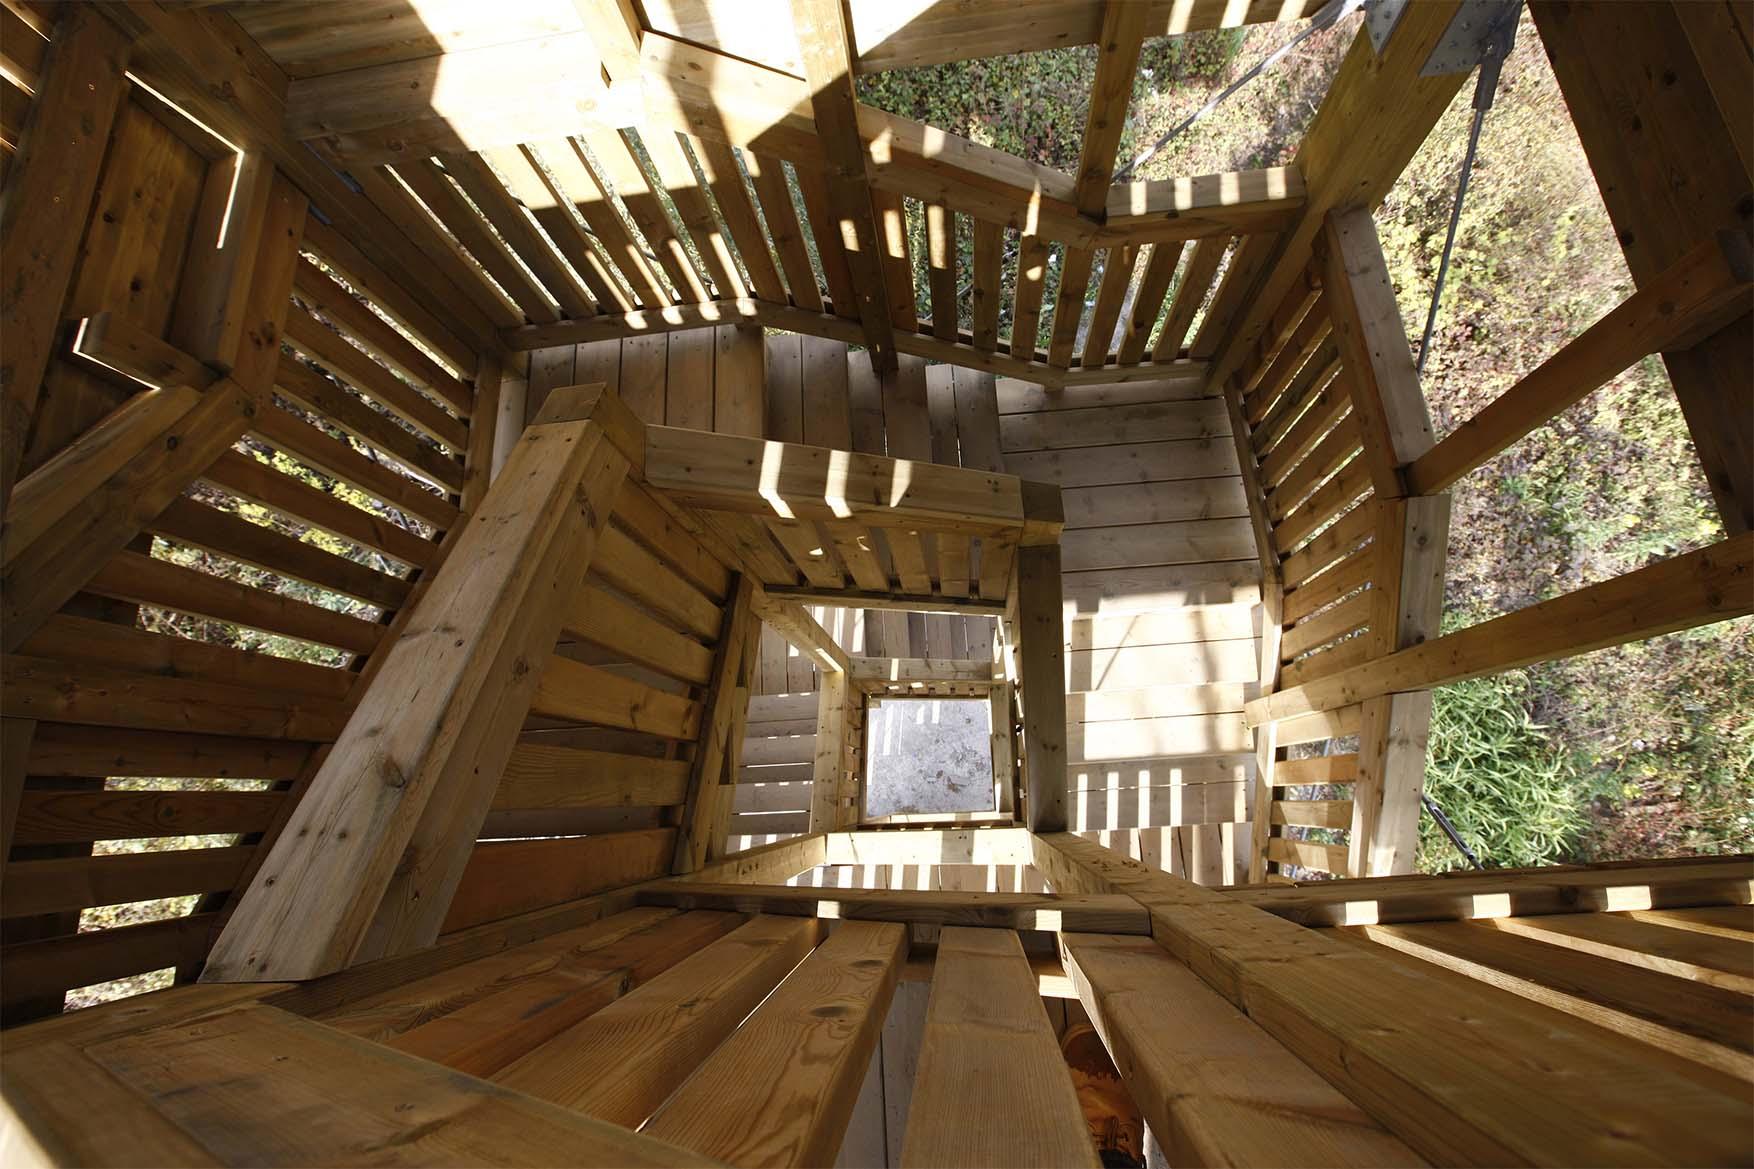 Torre avvistamento birdwatching in legno di pino nordico impregnato in autoclave realizzato da Linea Montanalegno - ILT